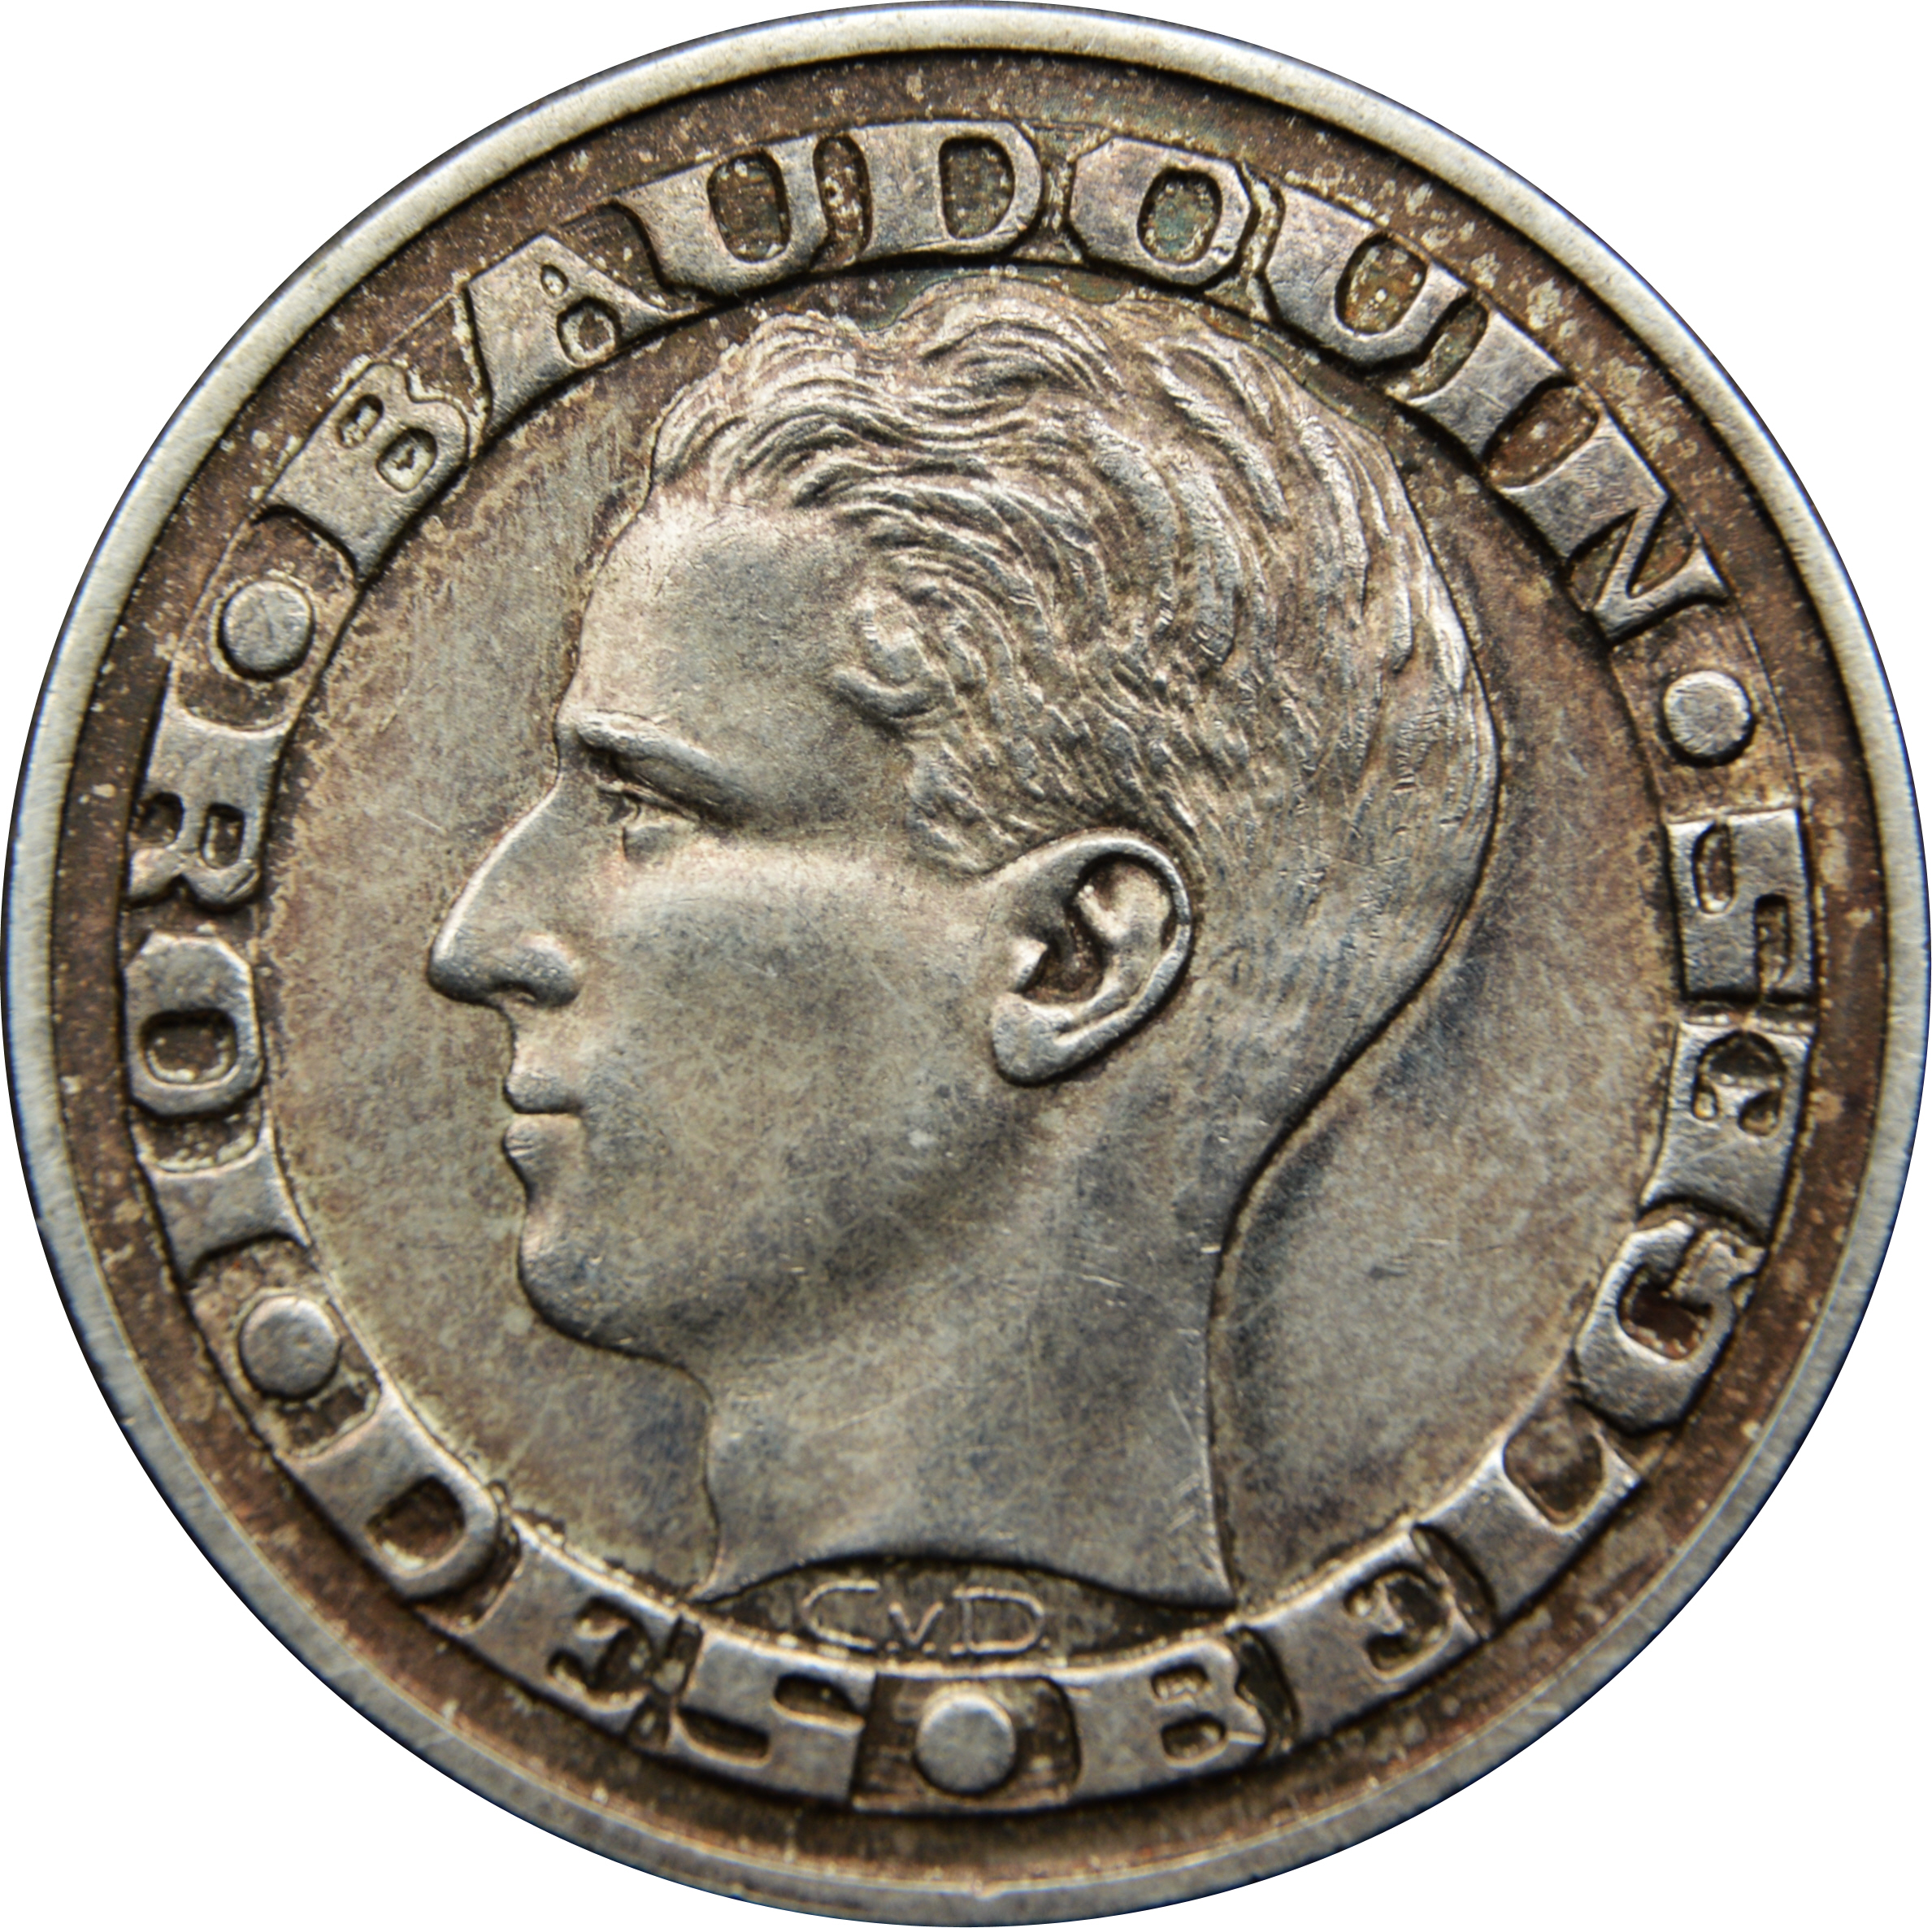 50 francs - baudouin - expo 1958  en fran u00e7ais